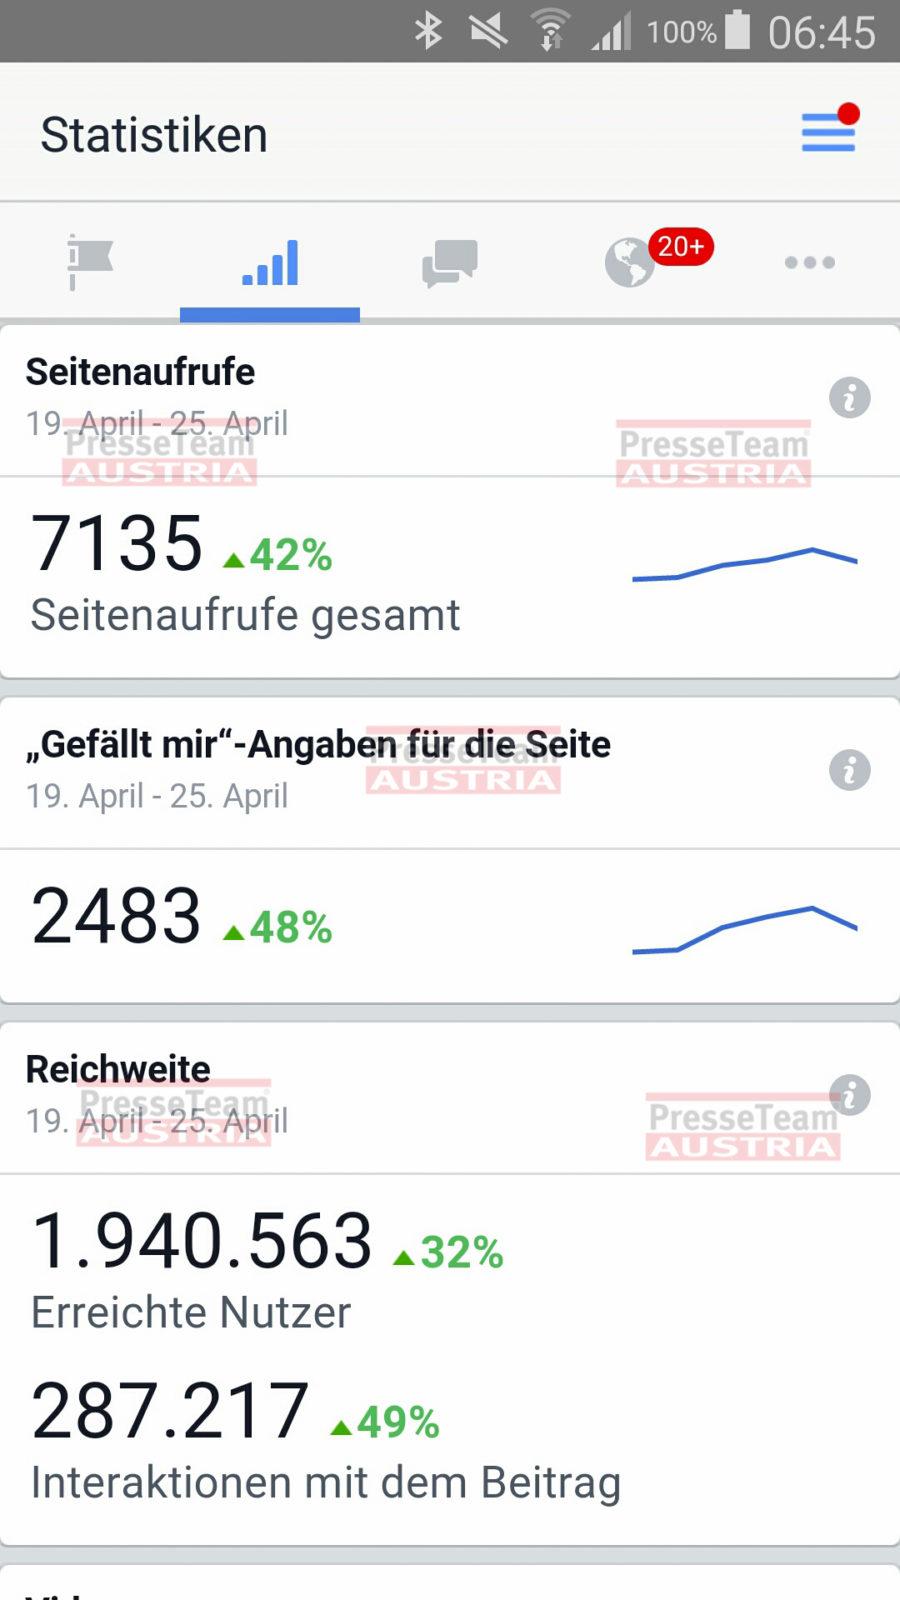 Facebook Marketing Schulung 6 - 10.730.101 Reichweite mit Facebook-Marketing: Der sichere Weg zu Ihrer Zielgruppe!